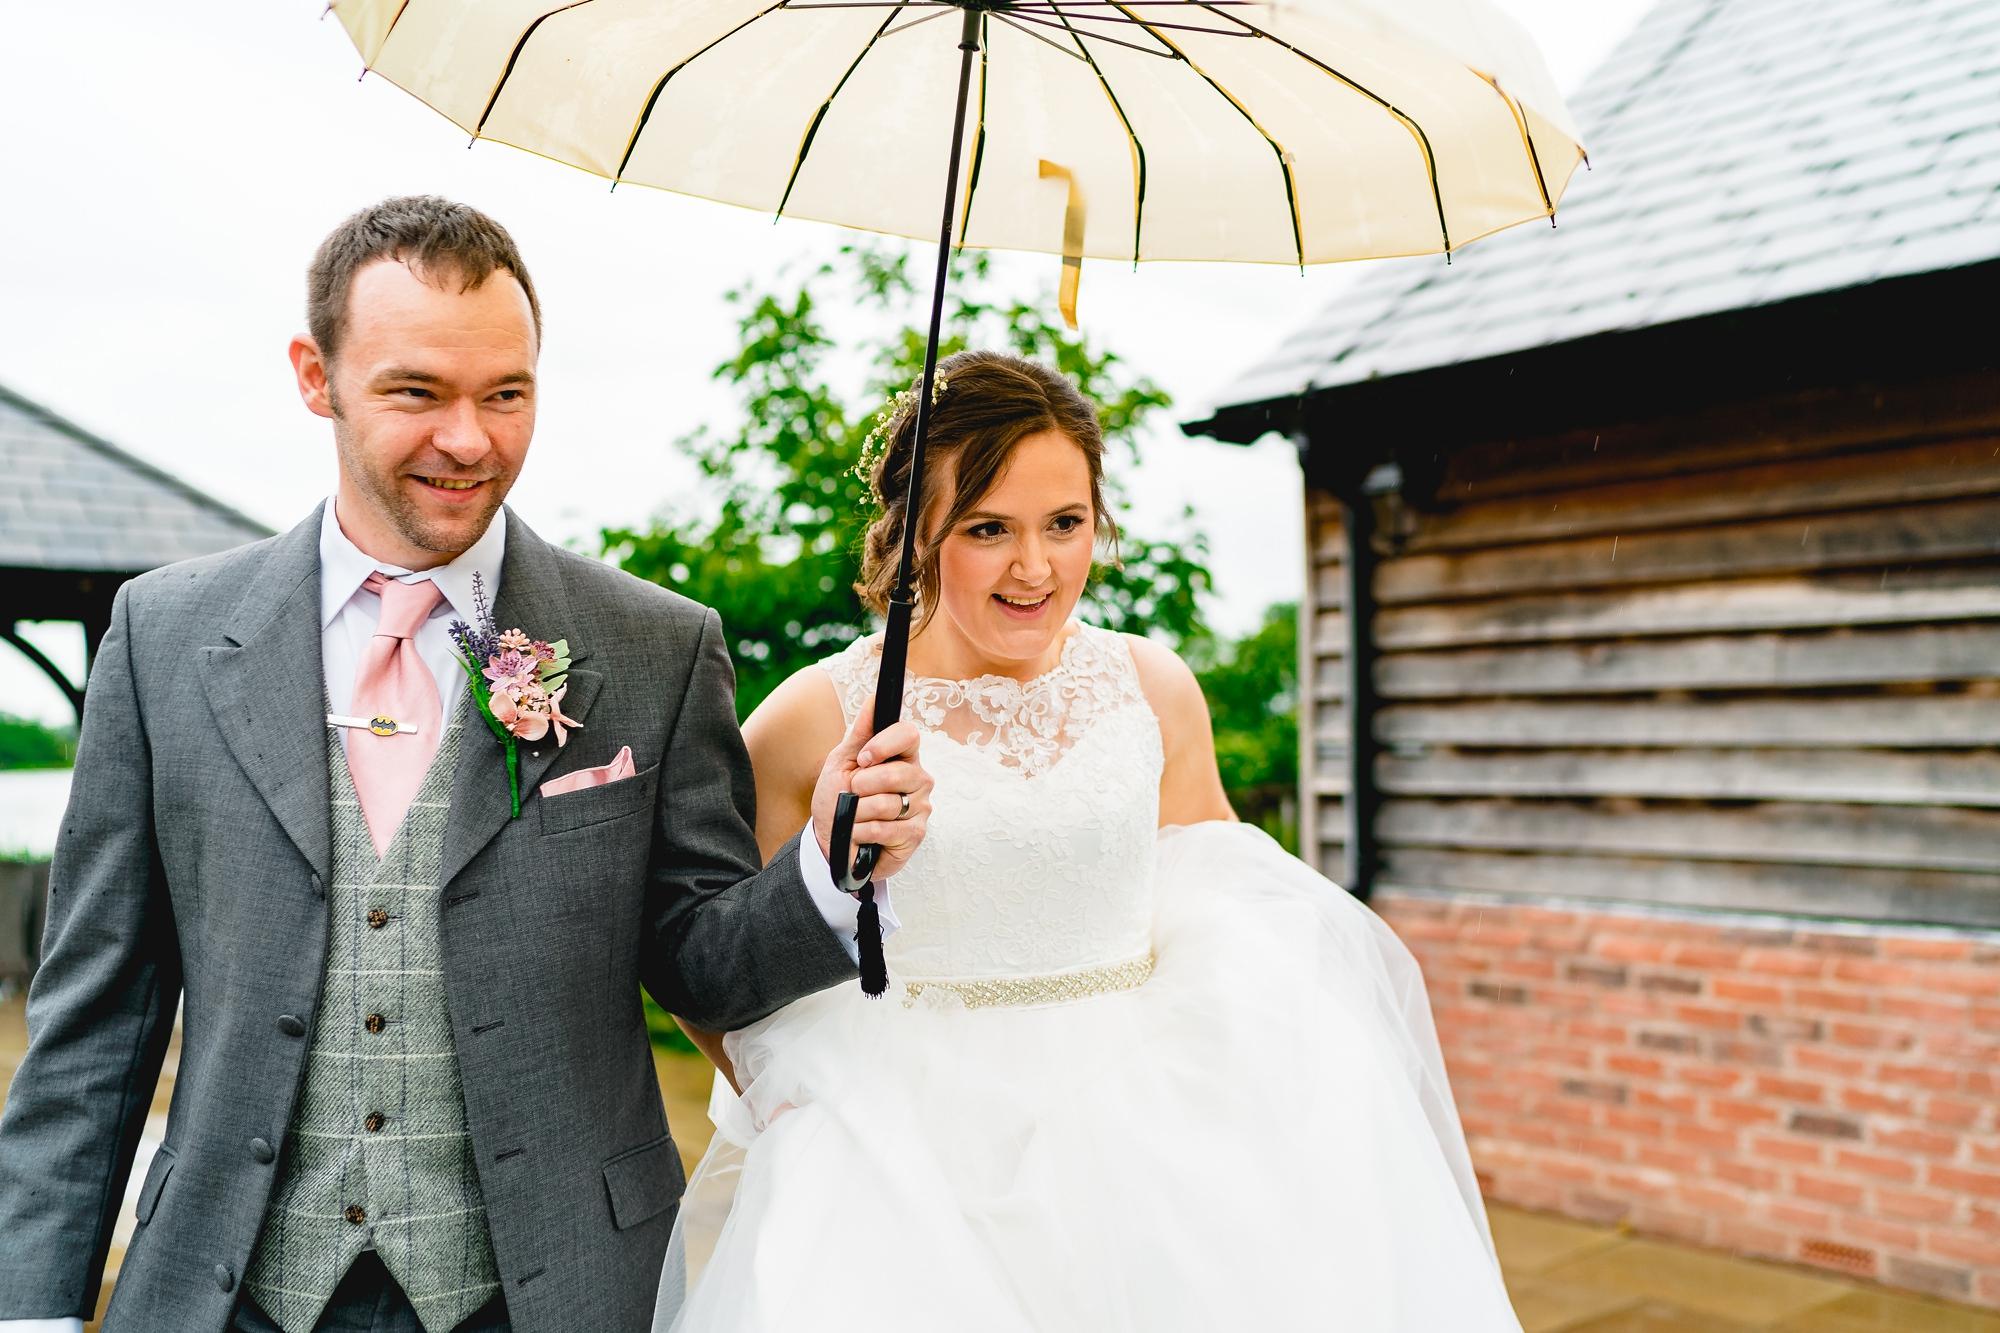 Sandhole-Oak-Barn-Wedding-Photographer_0025.jpg